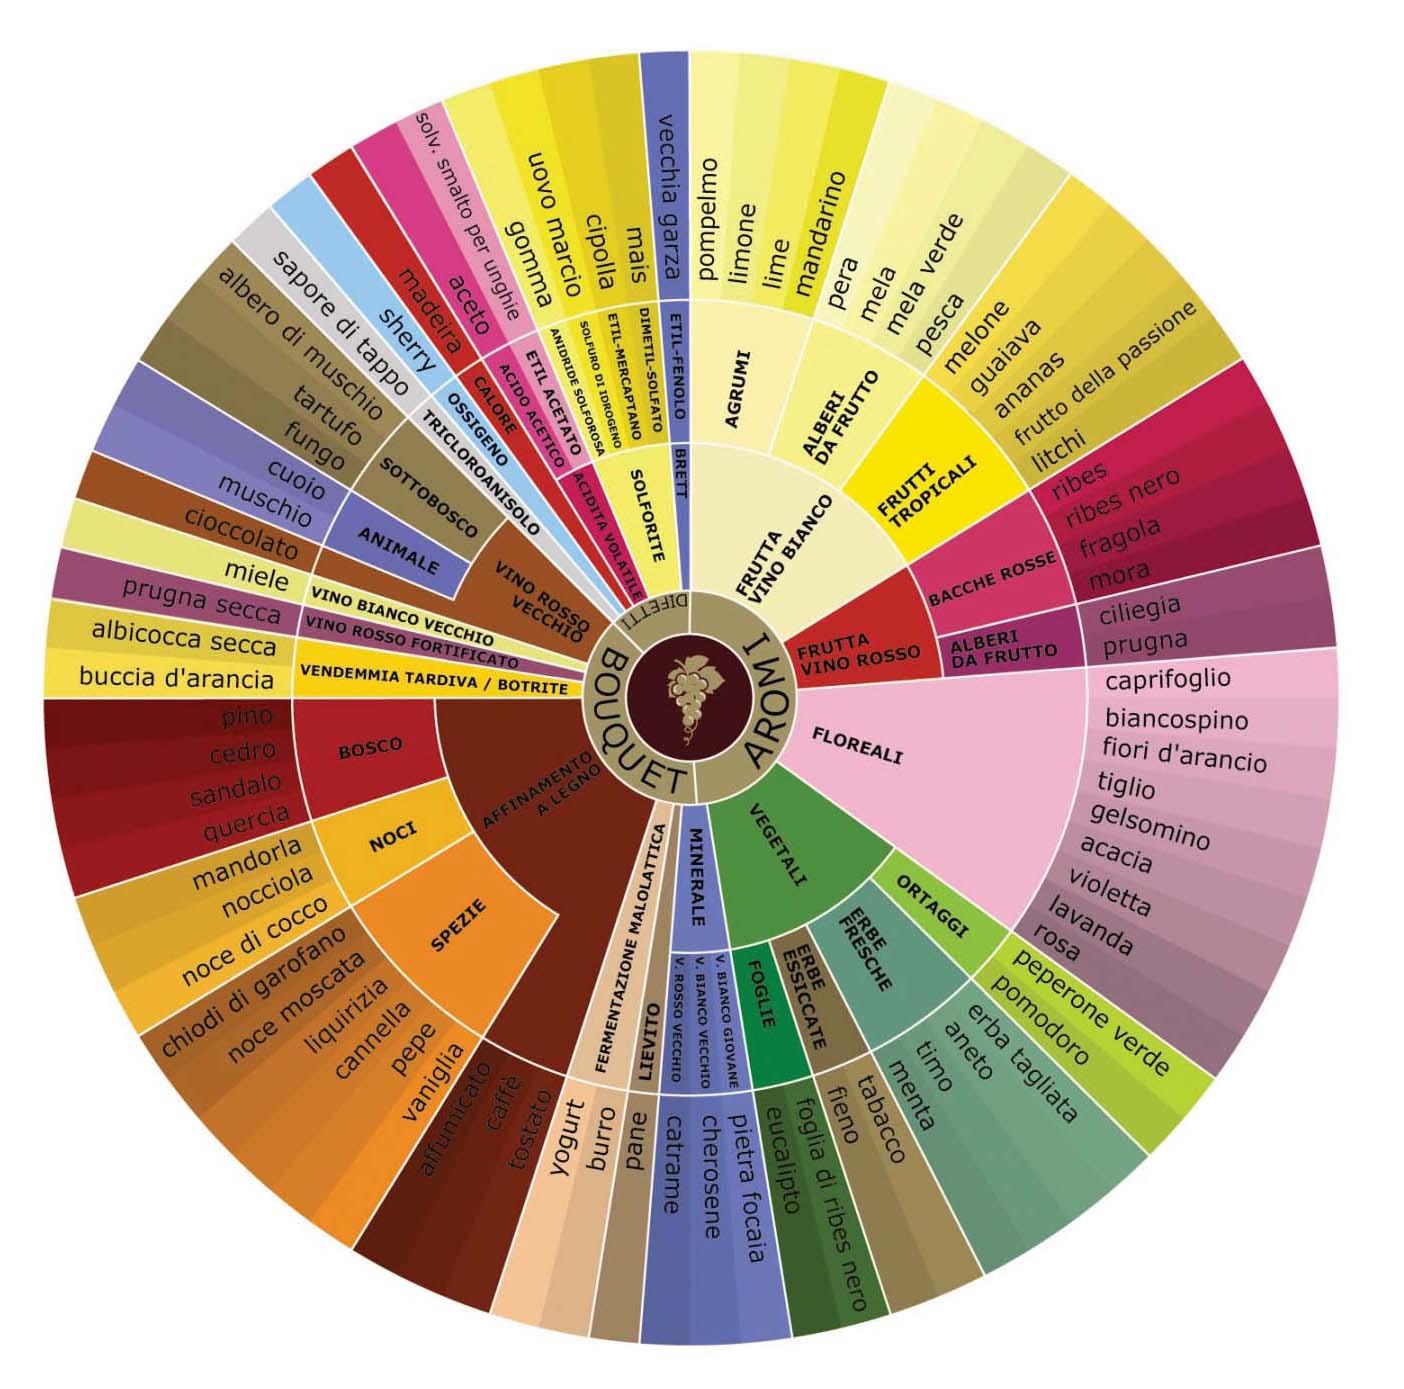 Ruota degli aromi del vino